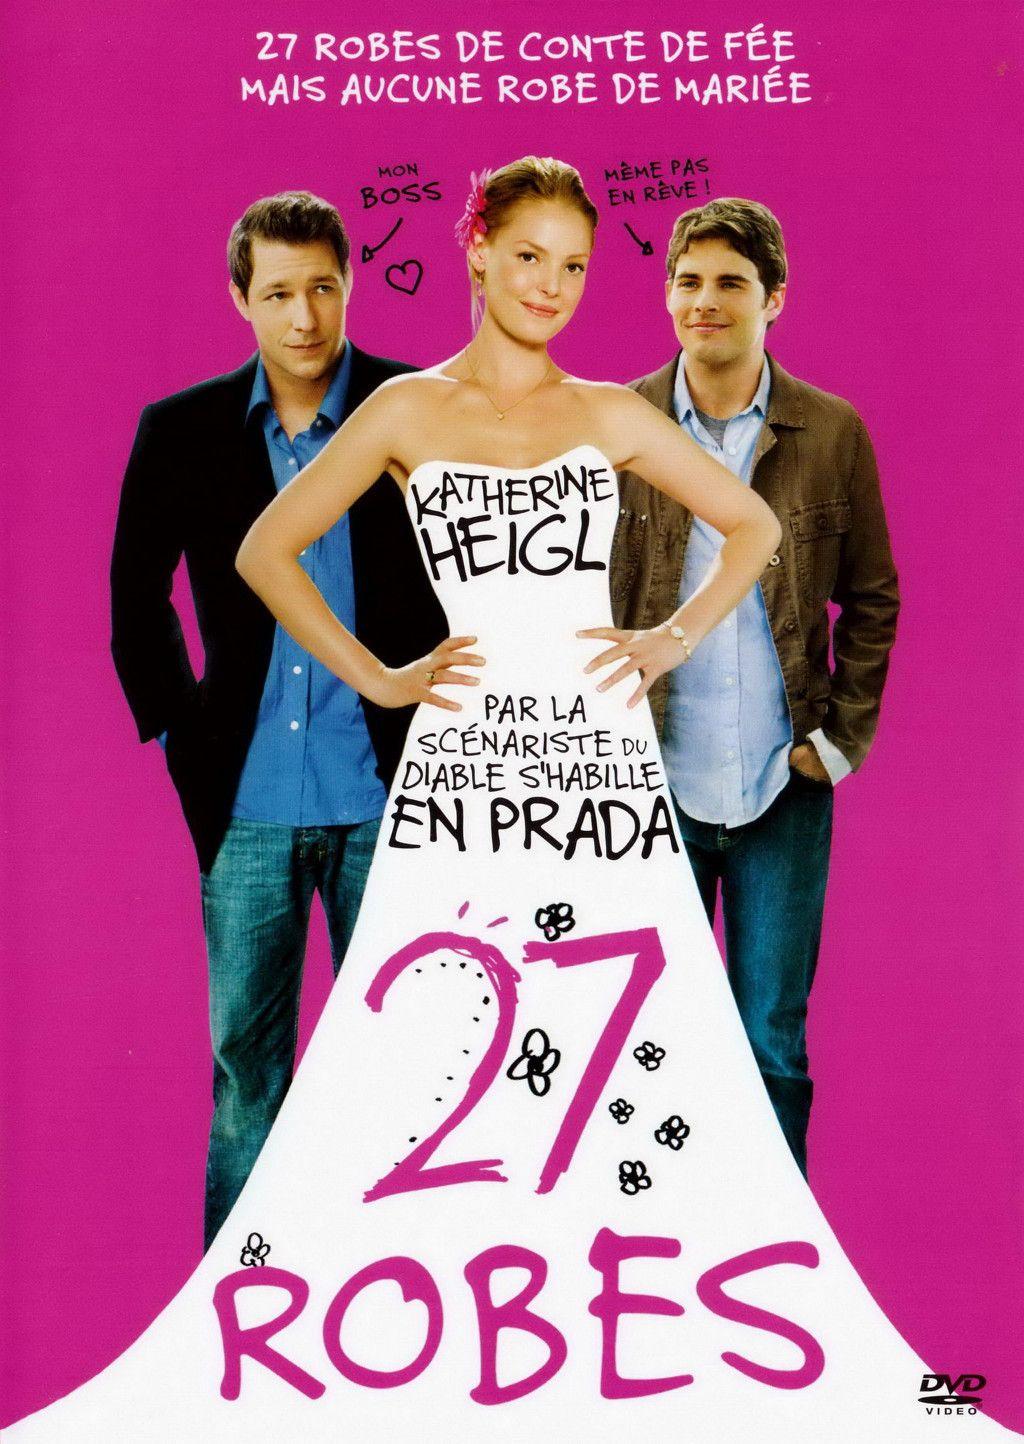 """Résultat de recherche d'images pour """"27 robes affiche"""""""